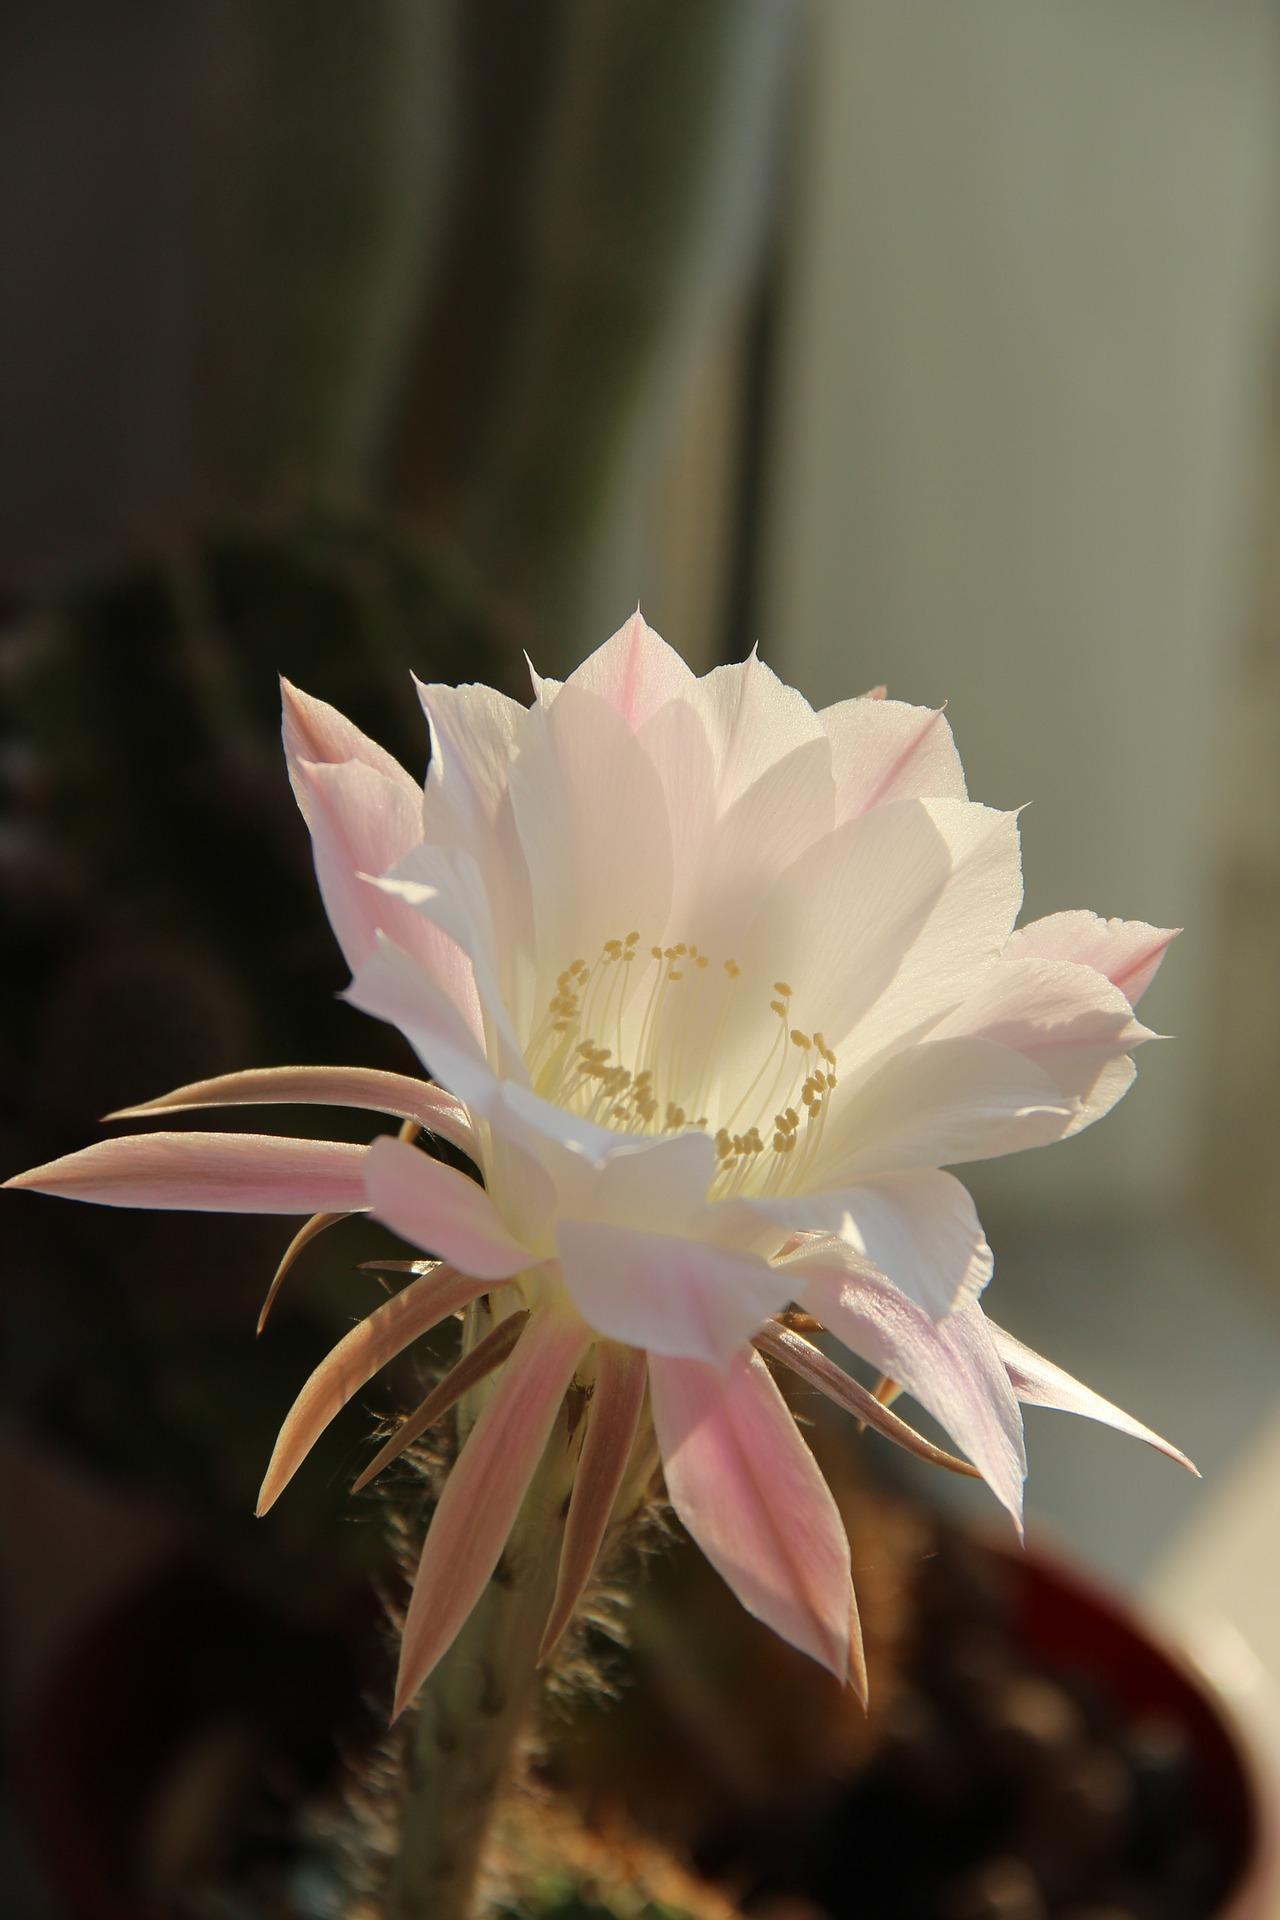 flower-1049820_1920